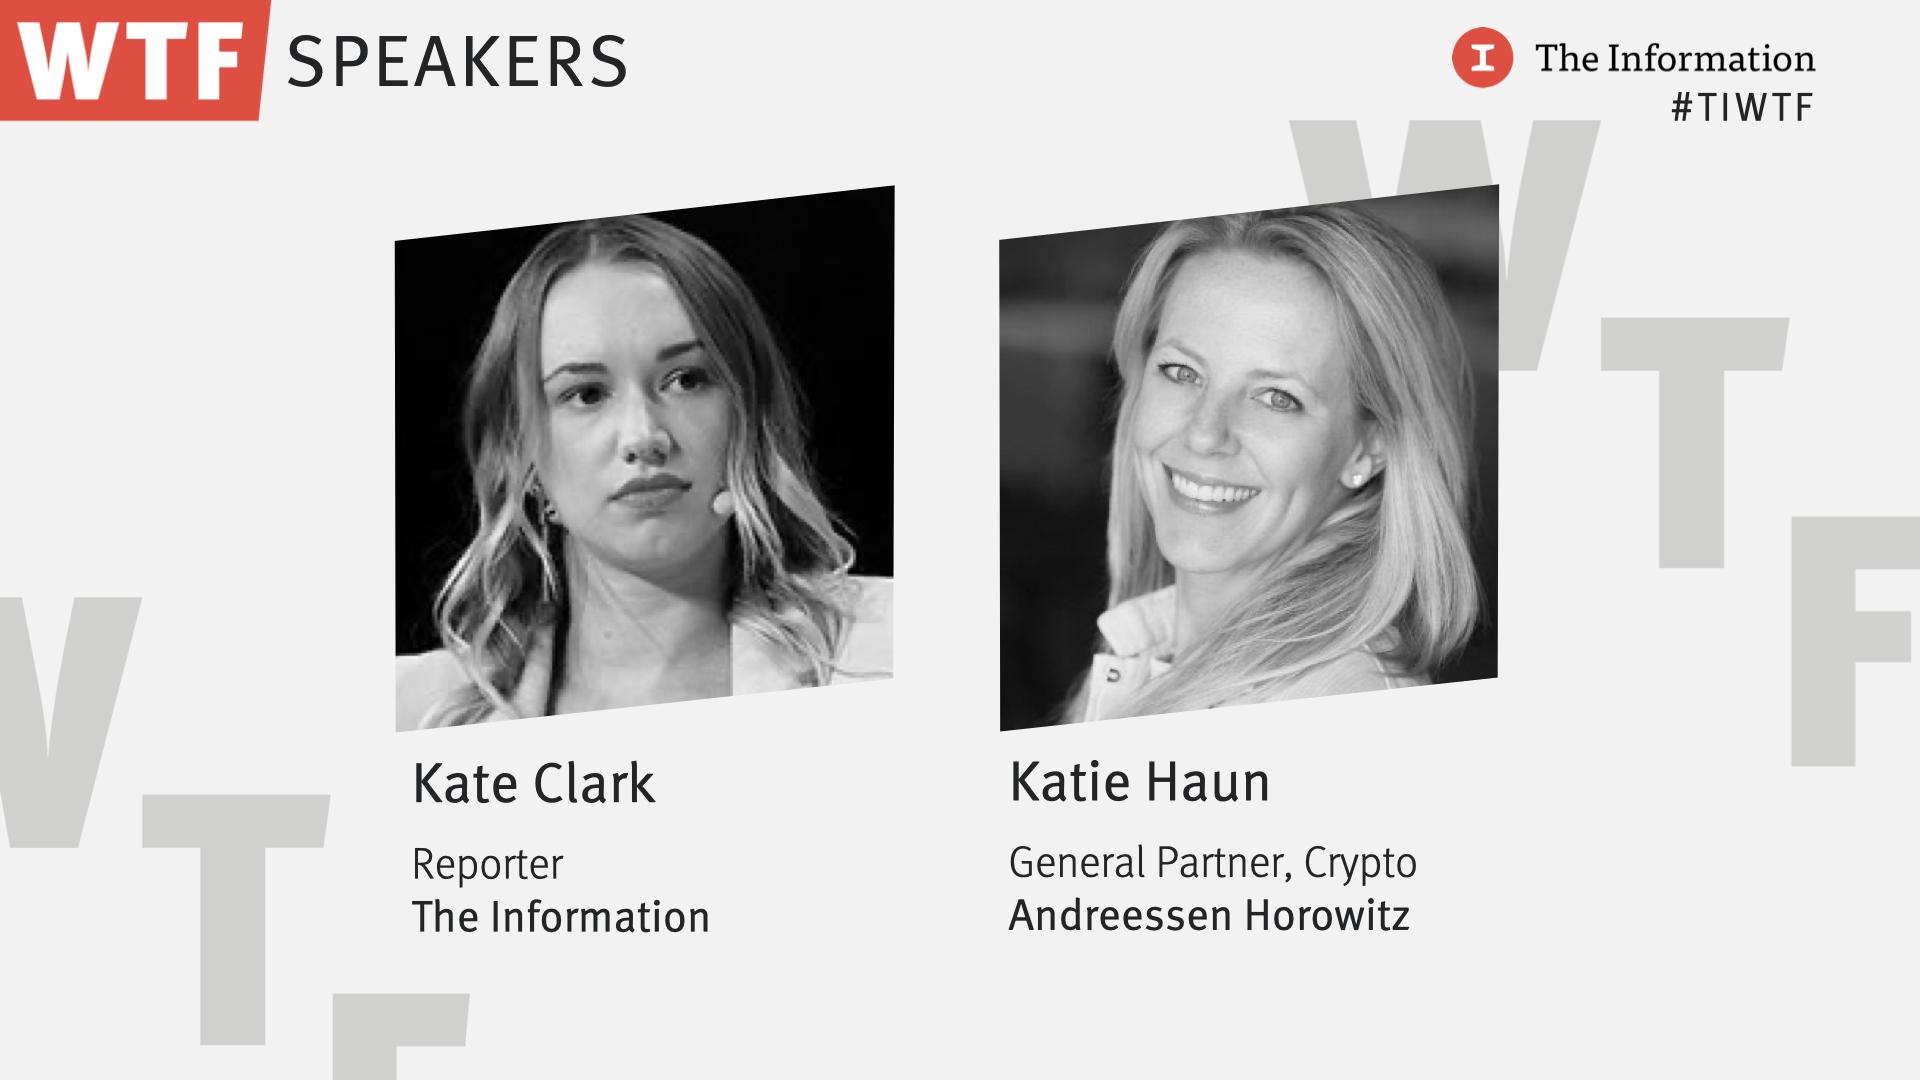 WTF 2021 - Katie Haun, General Partner, Crypto, Andreessen Horowitz in conversation with Kate Clark, Reporter, The Information